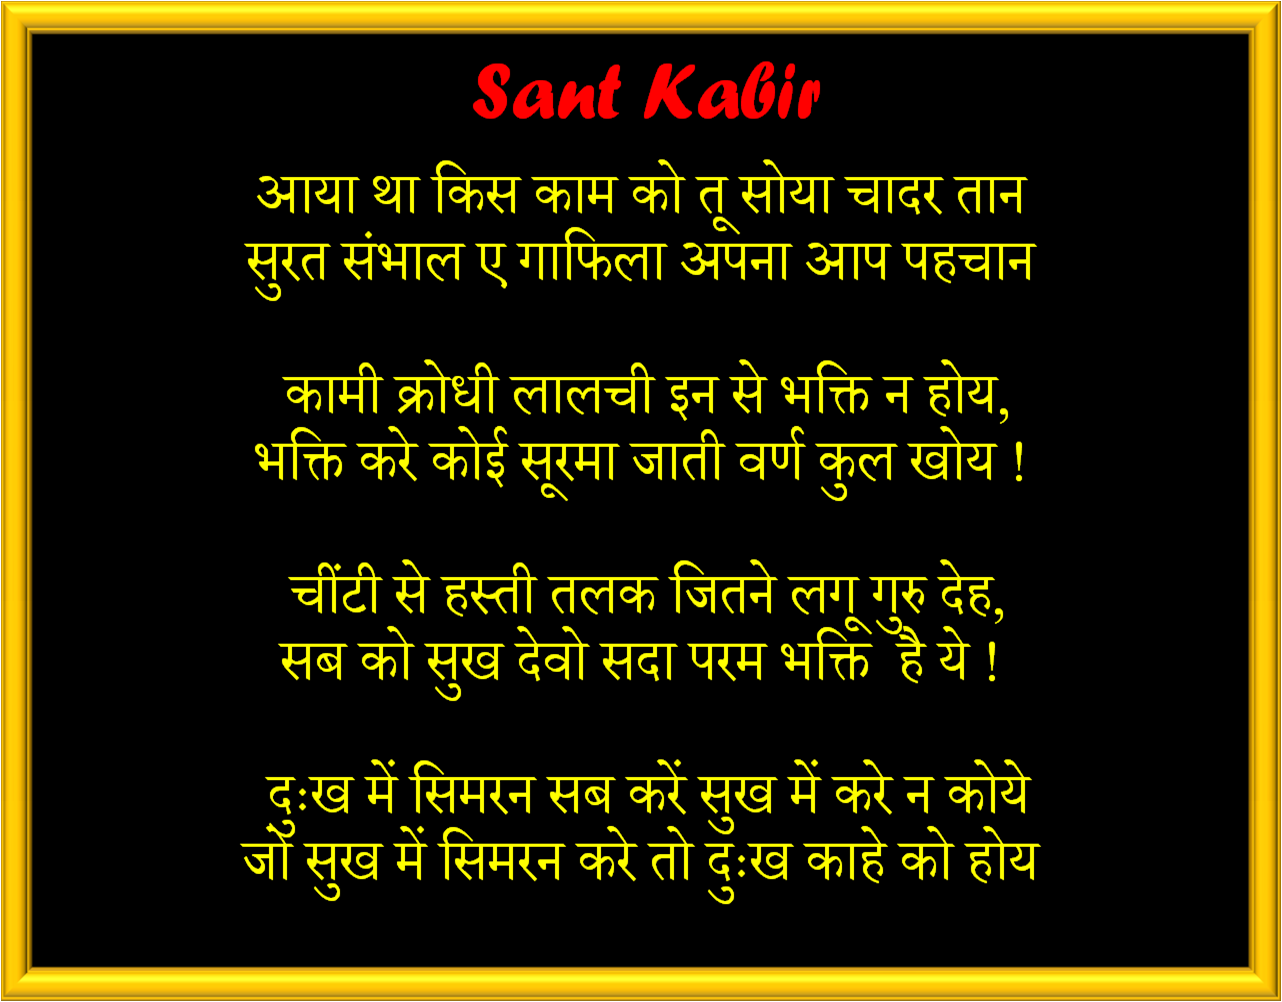 Radha Soami Quotes Wallpaper Sant Kabir Doha Saint Kabir Hindi Quotes Quotes